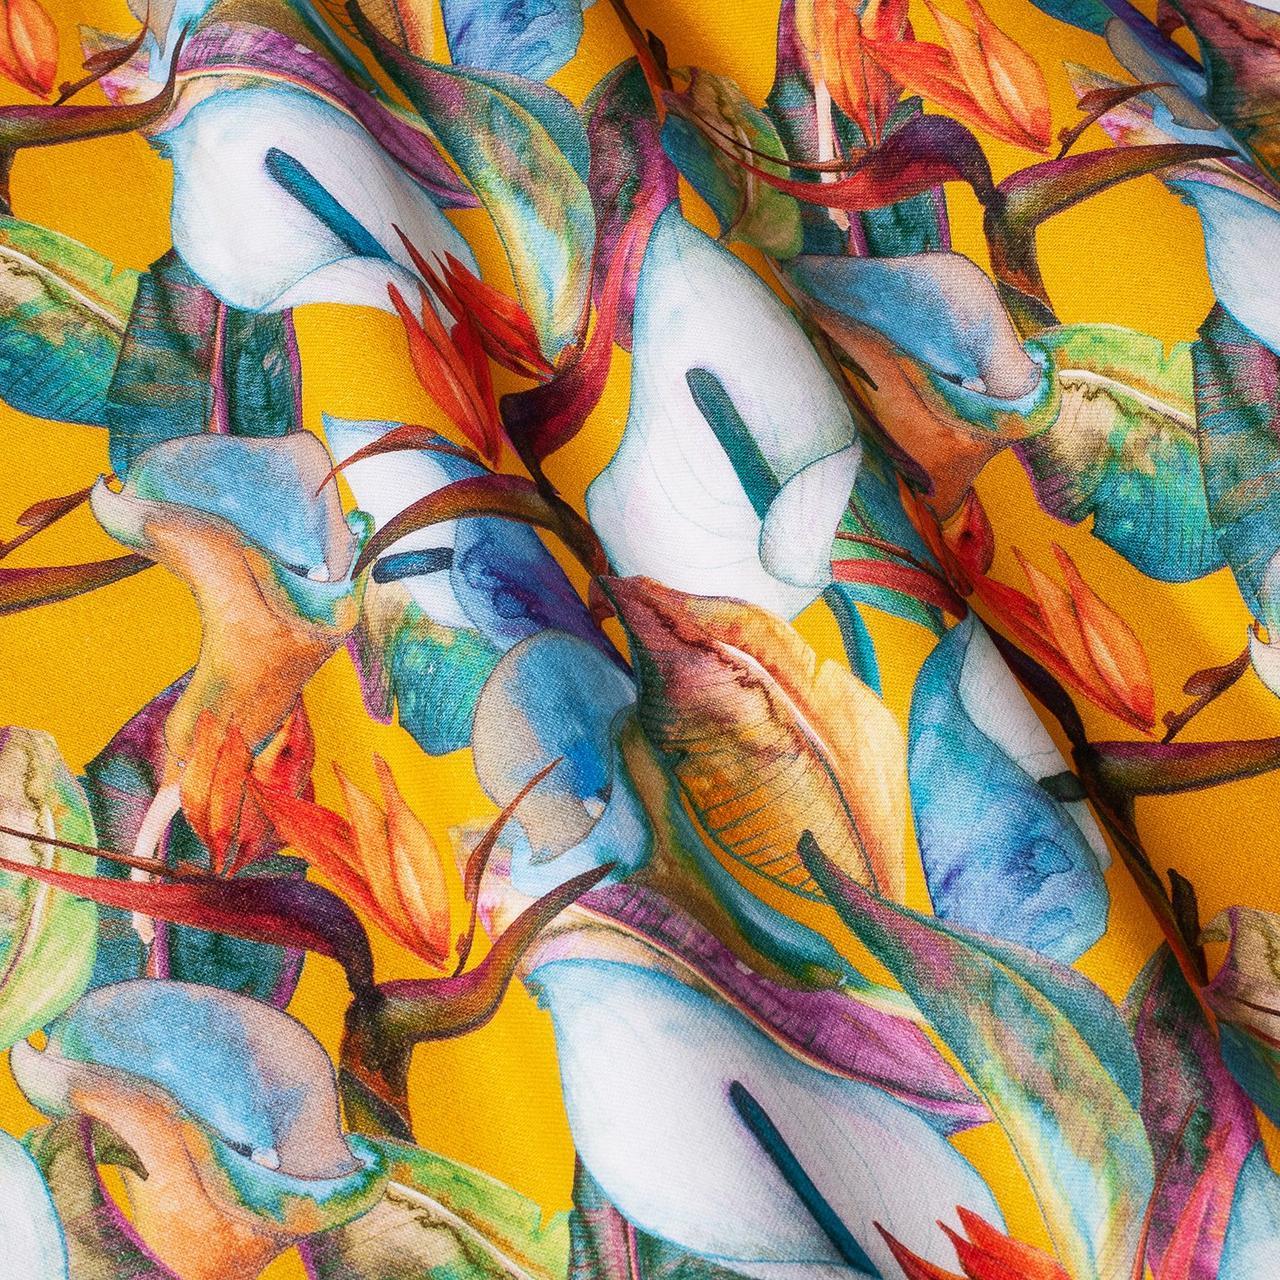 Декоративная ткань оранжевые, голубые и белые цветы Испания 87895v5